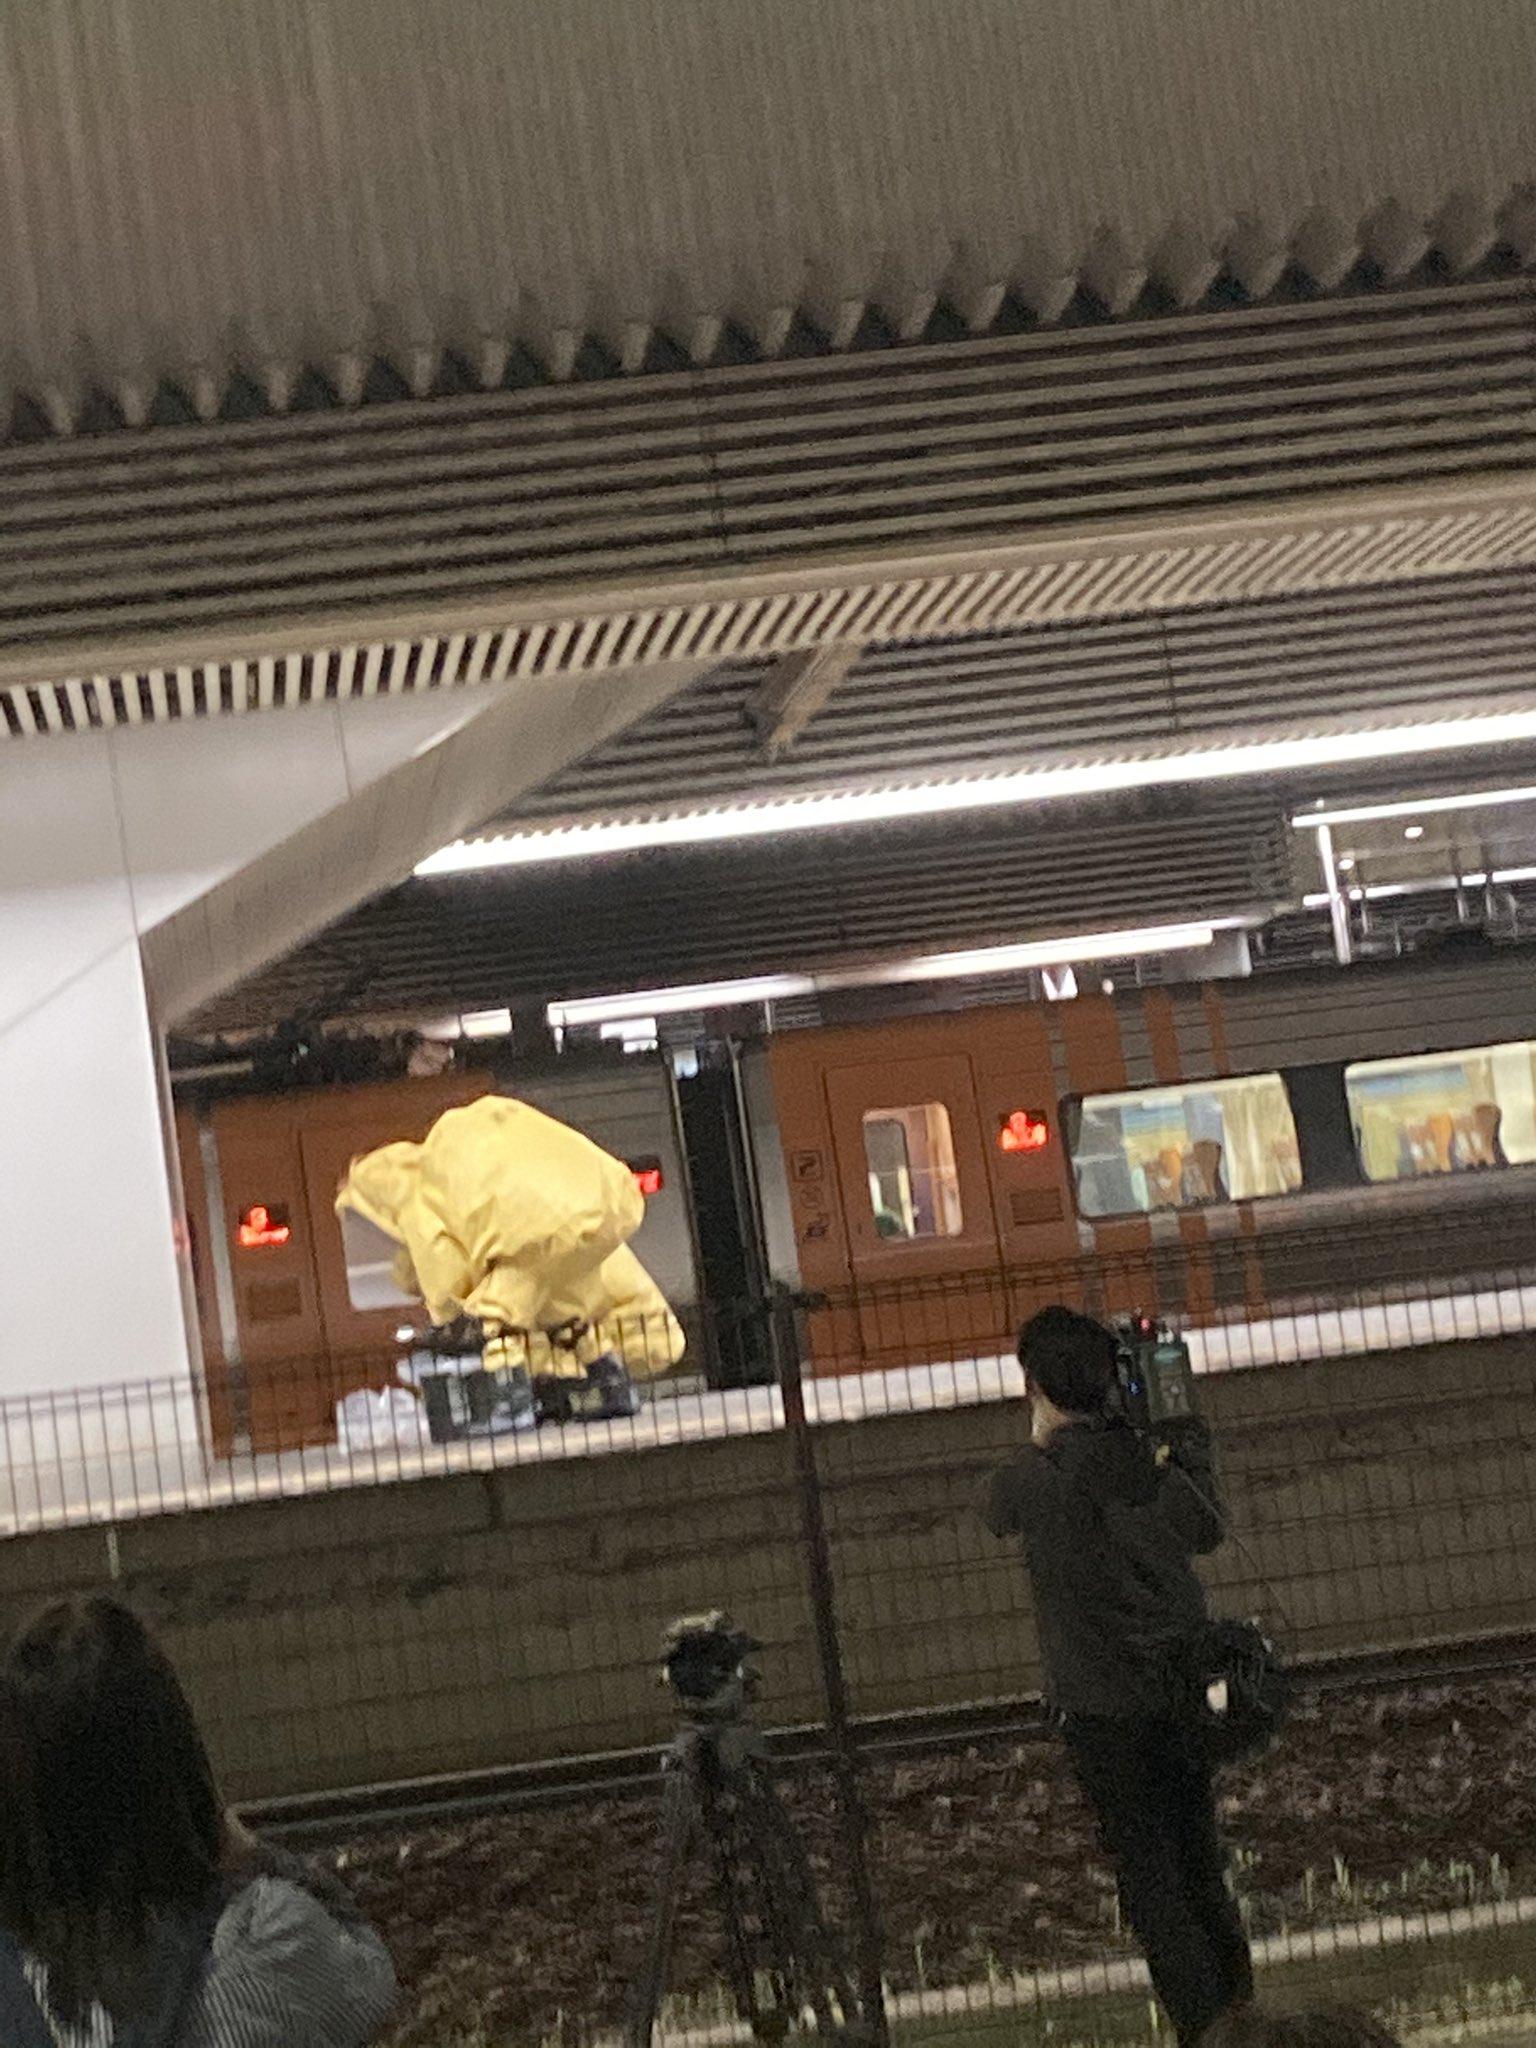 岡山駅の不審物騒ぎで防護服を着ている消防隊の画像